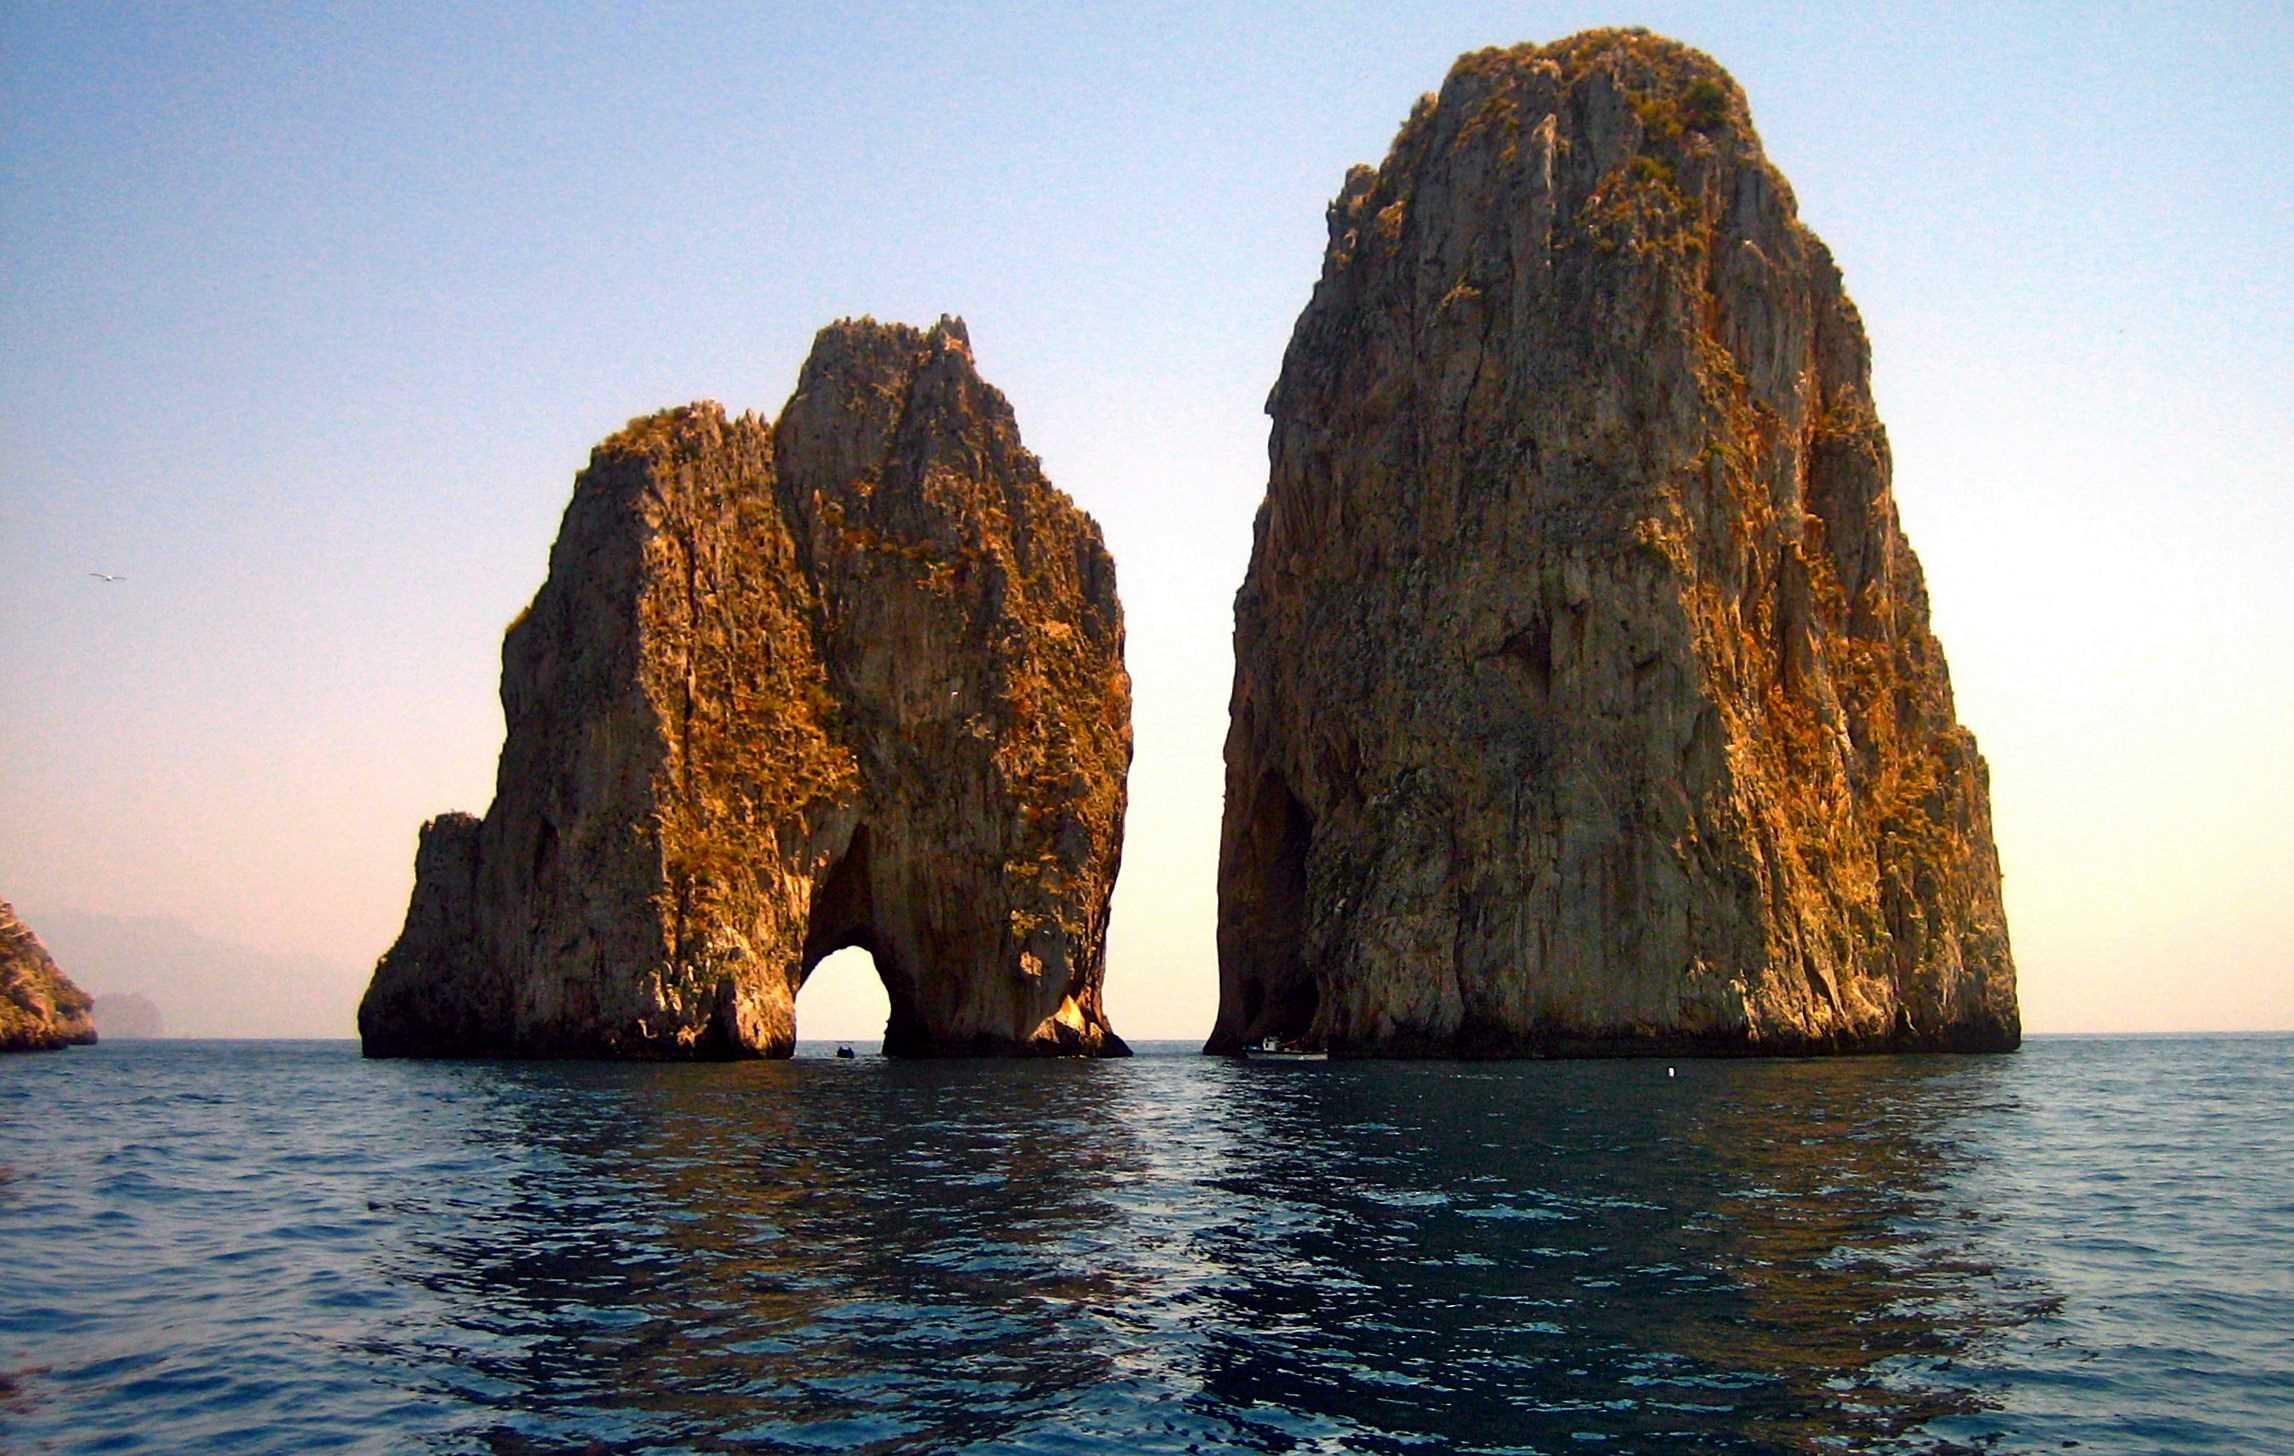 Crociera-in-Costiera-Amalfitana-Faraglioni